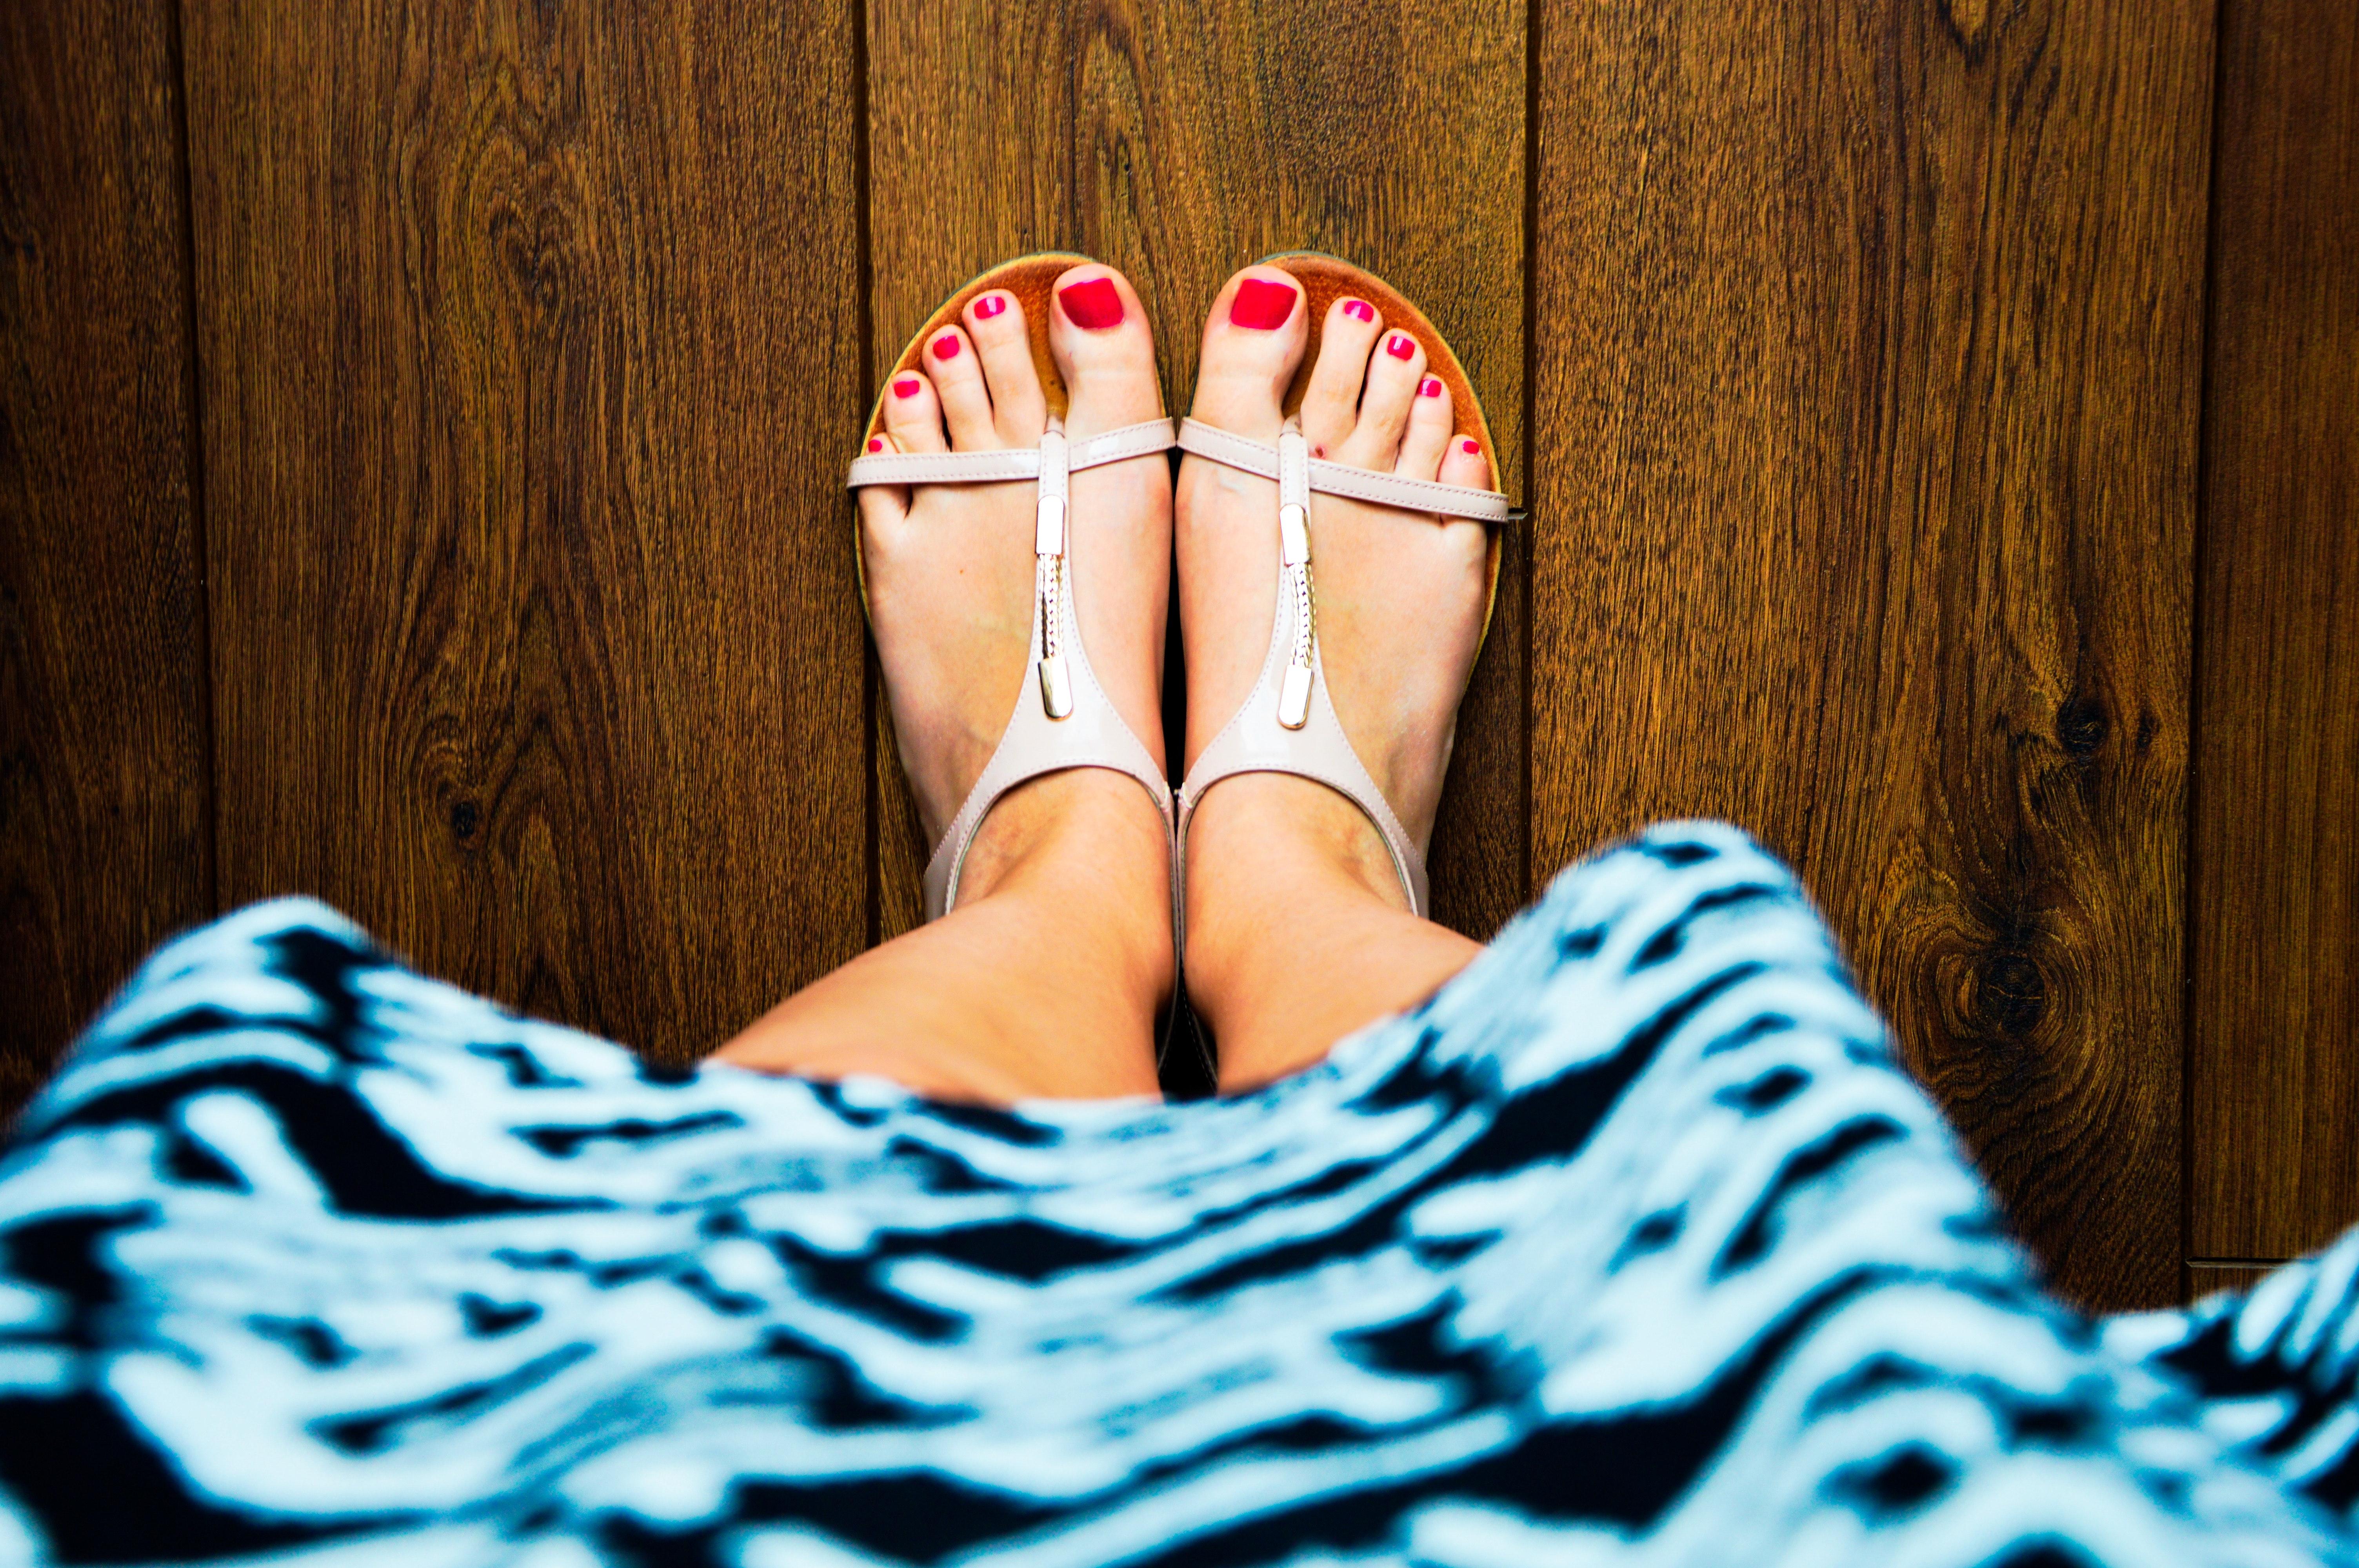 Фото женские ножки ступни, русское порно поимел в бане